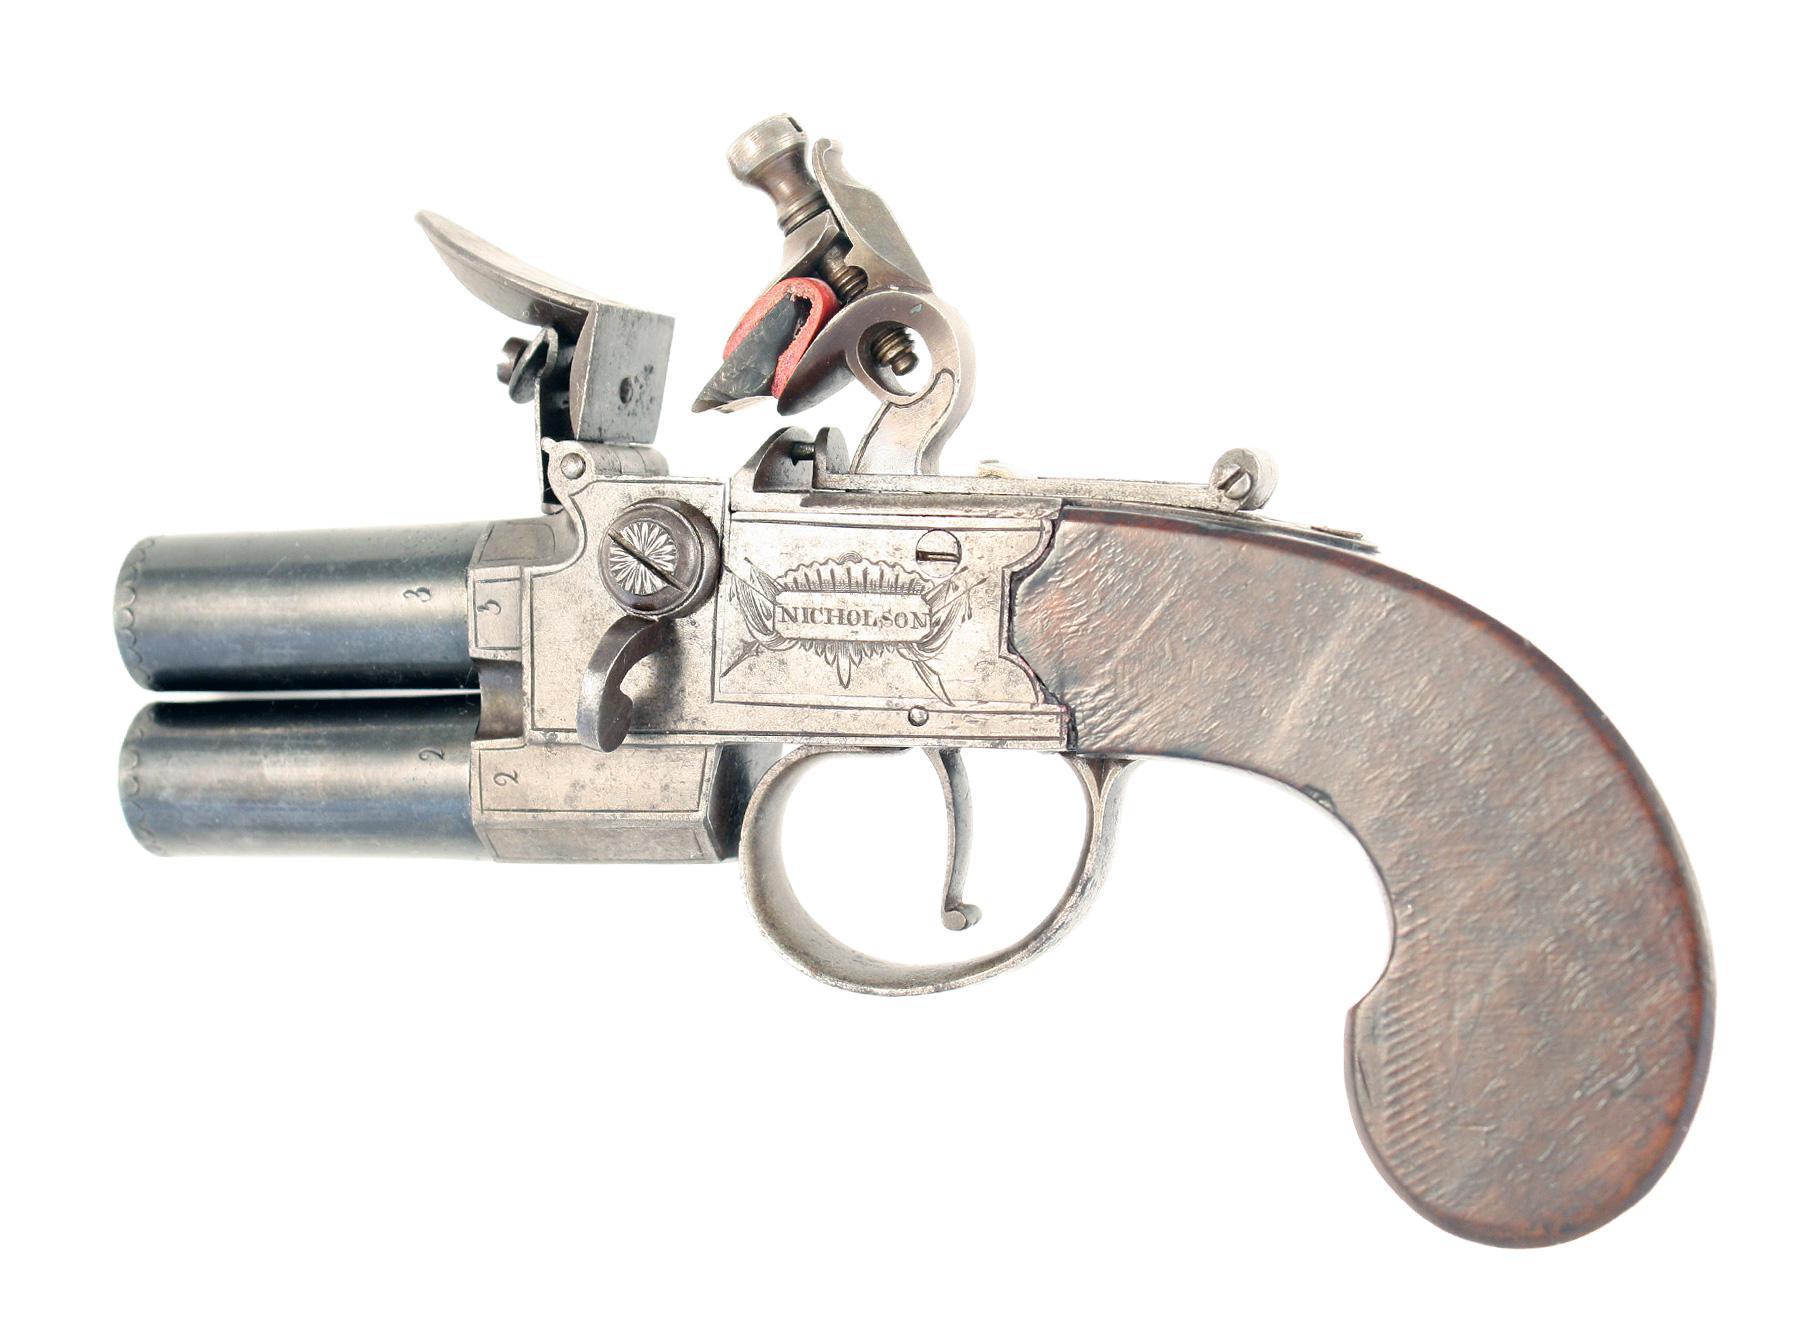 A Flintlock Tap-Action Pistol by Nicholson